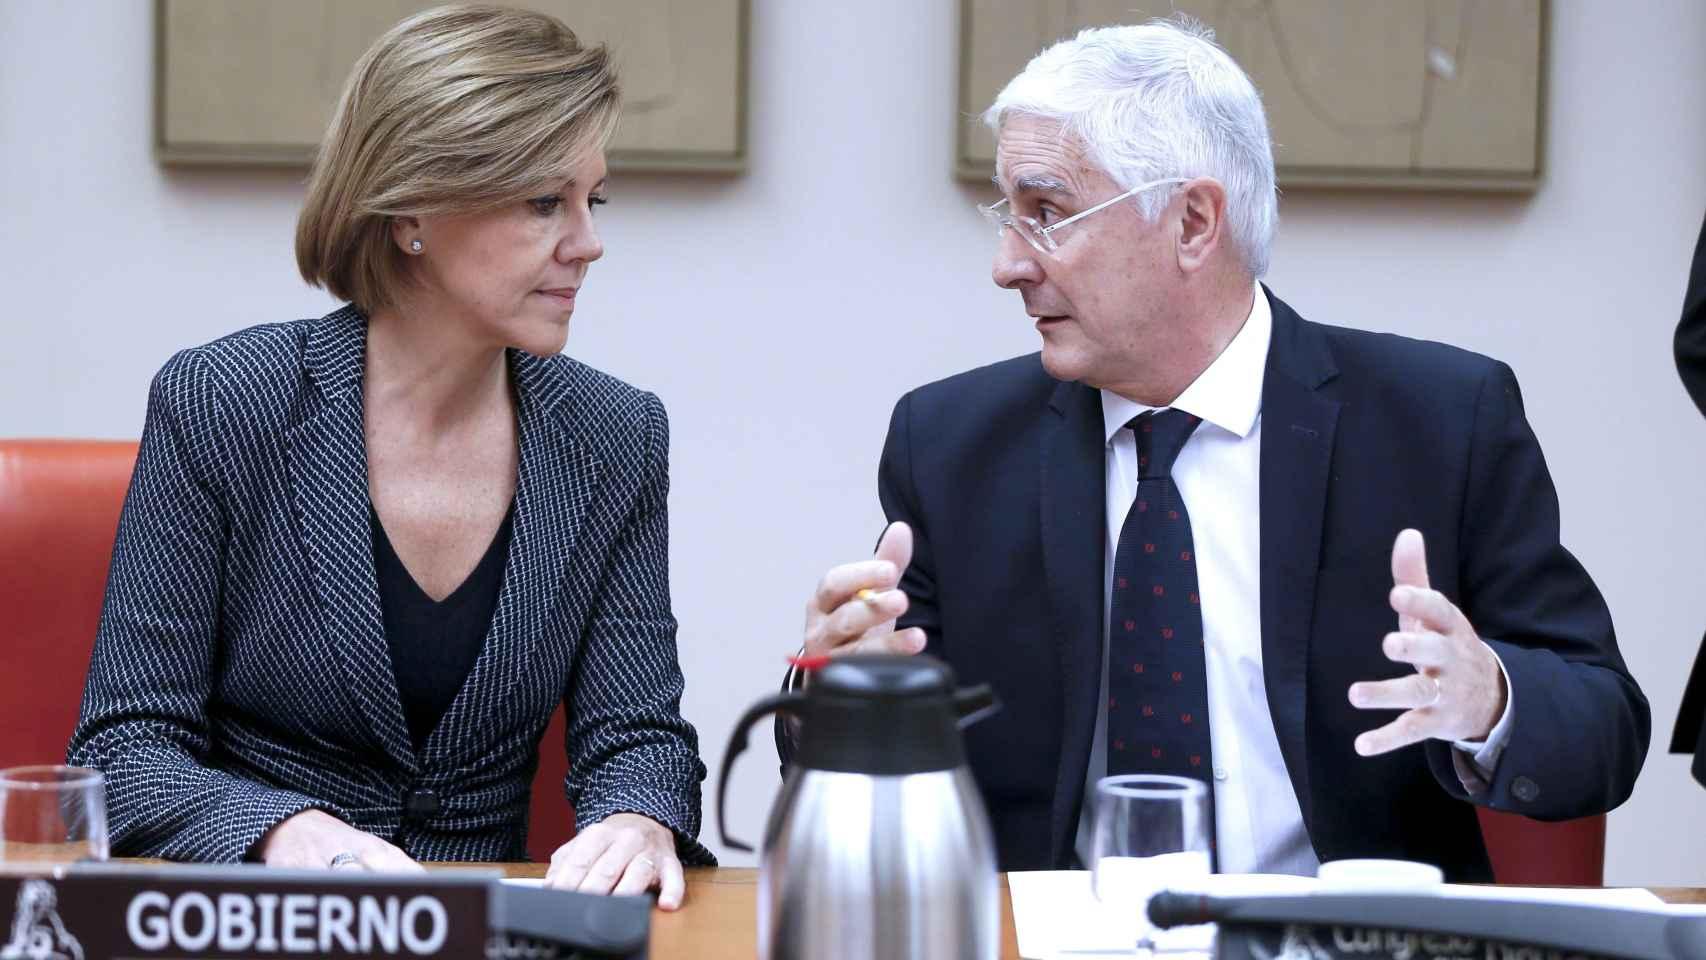 María Dolores de Cospedal, conversa con el presidente de la Comisión de Defensa del Congreso, José María Barreda.